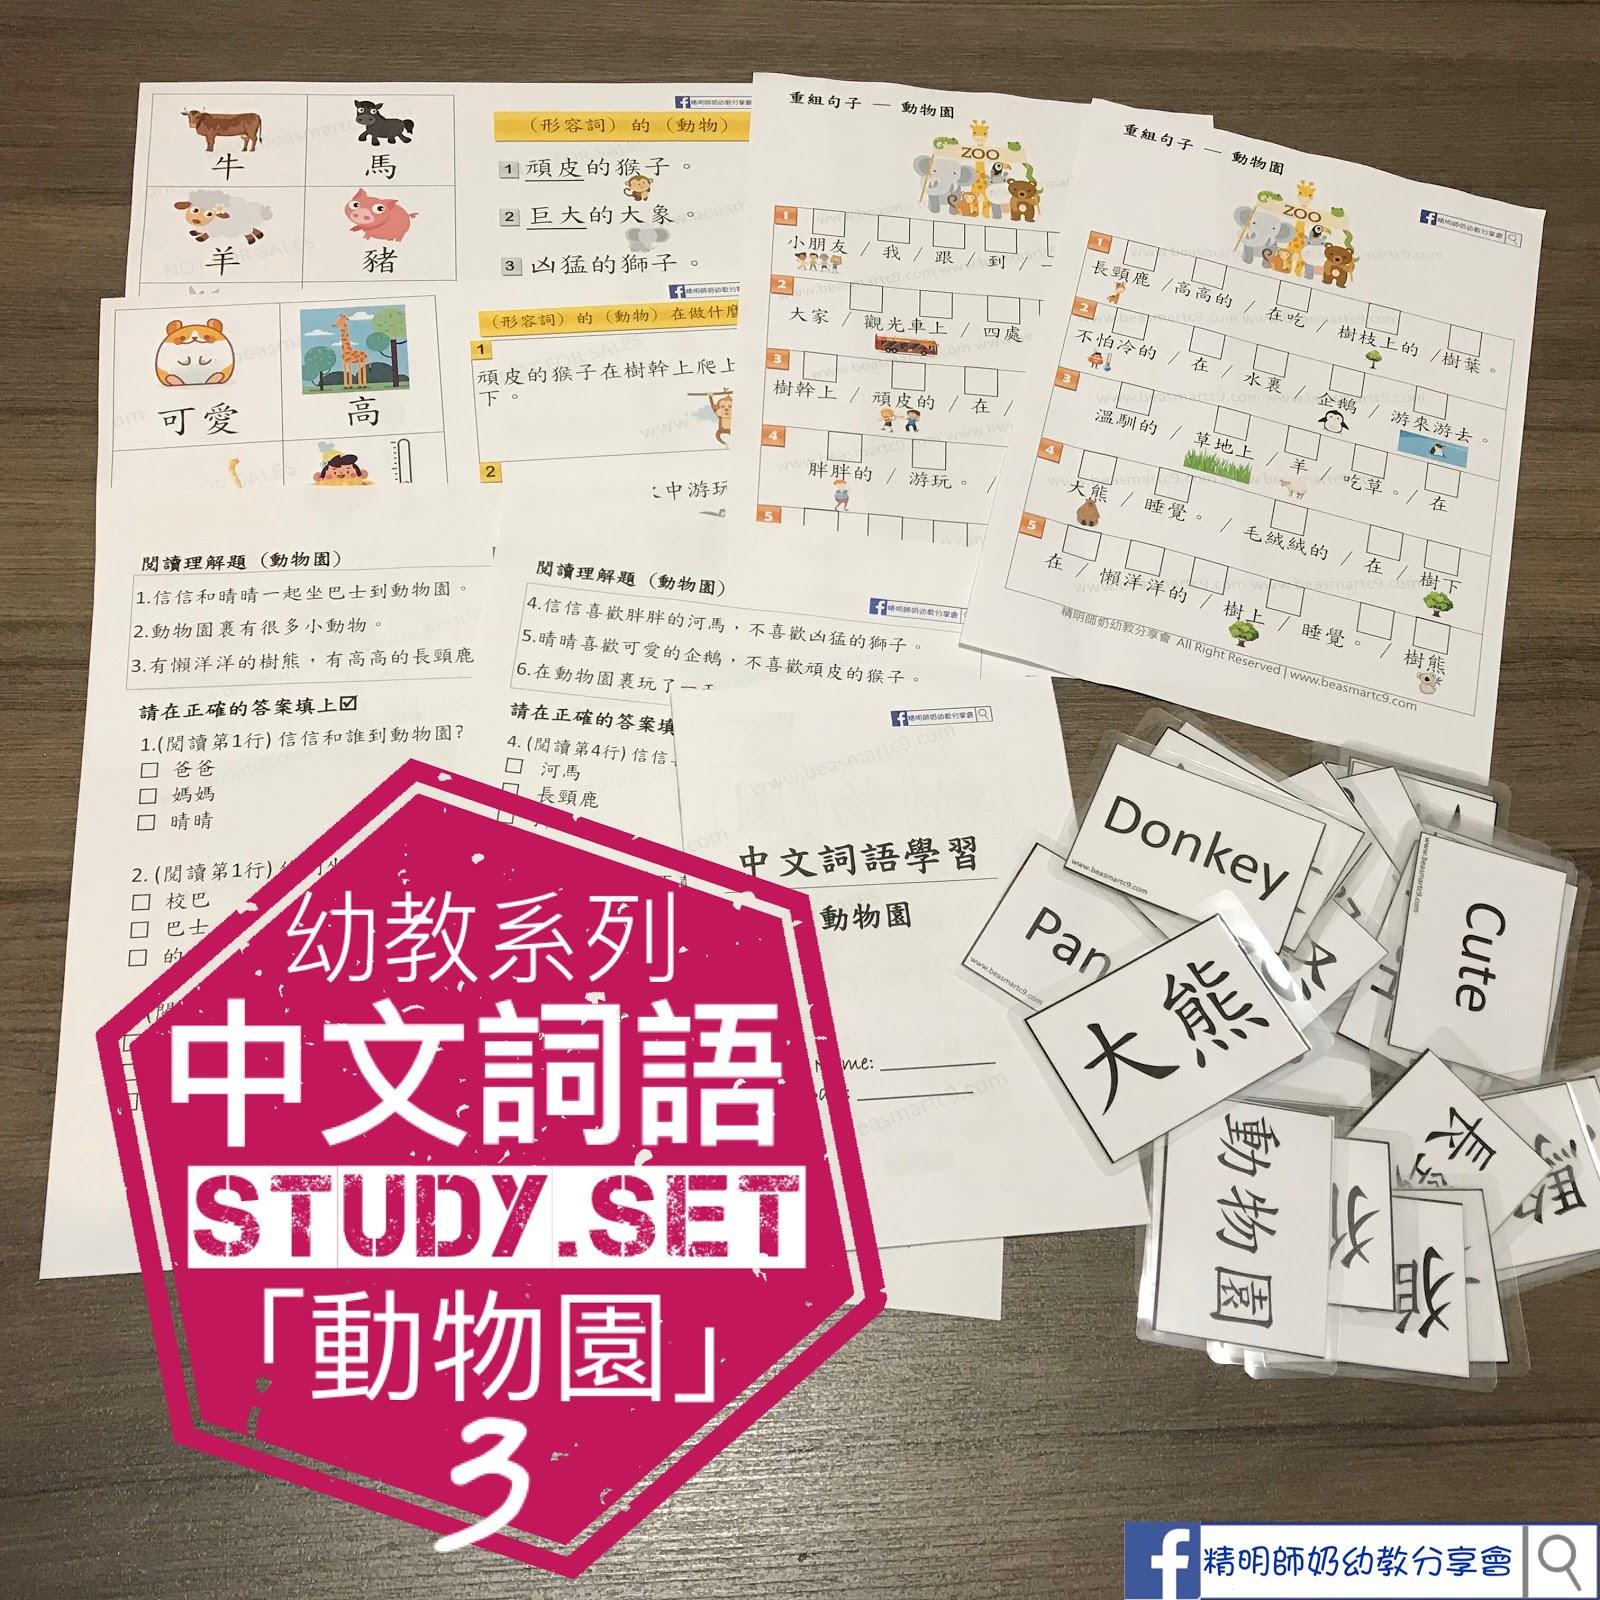 中文詞語 - 「動物園」study set